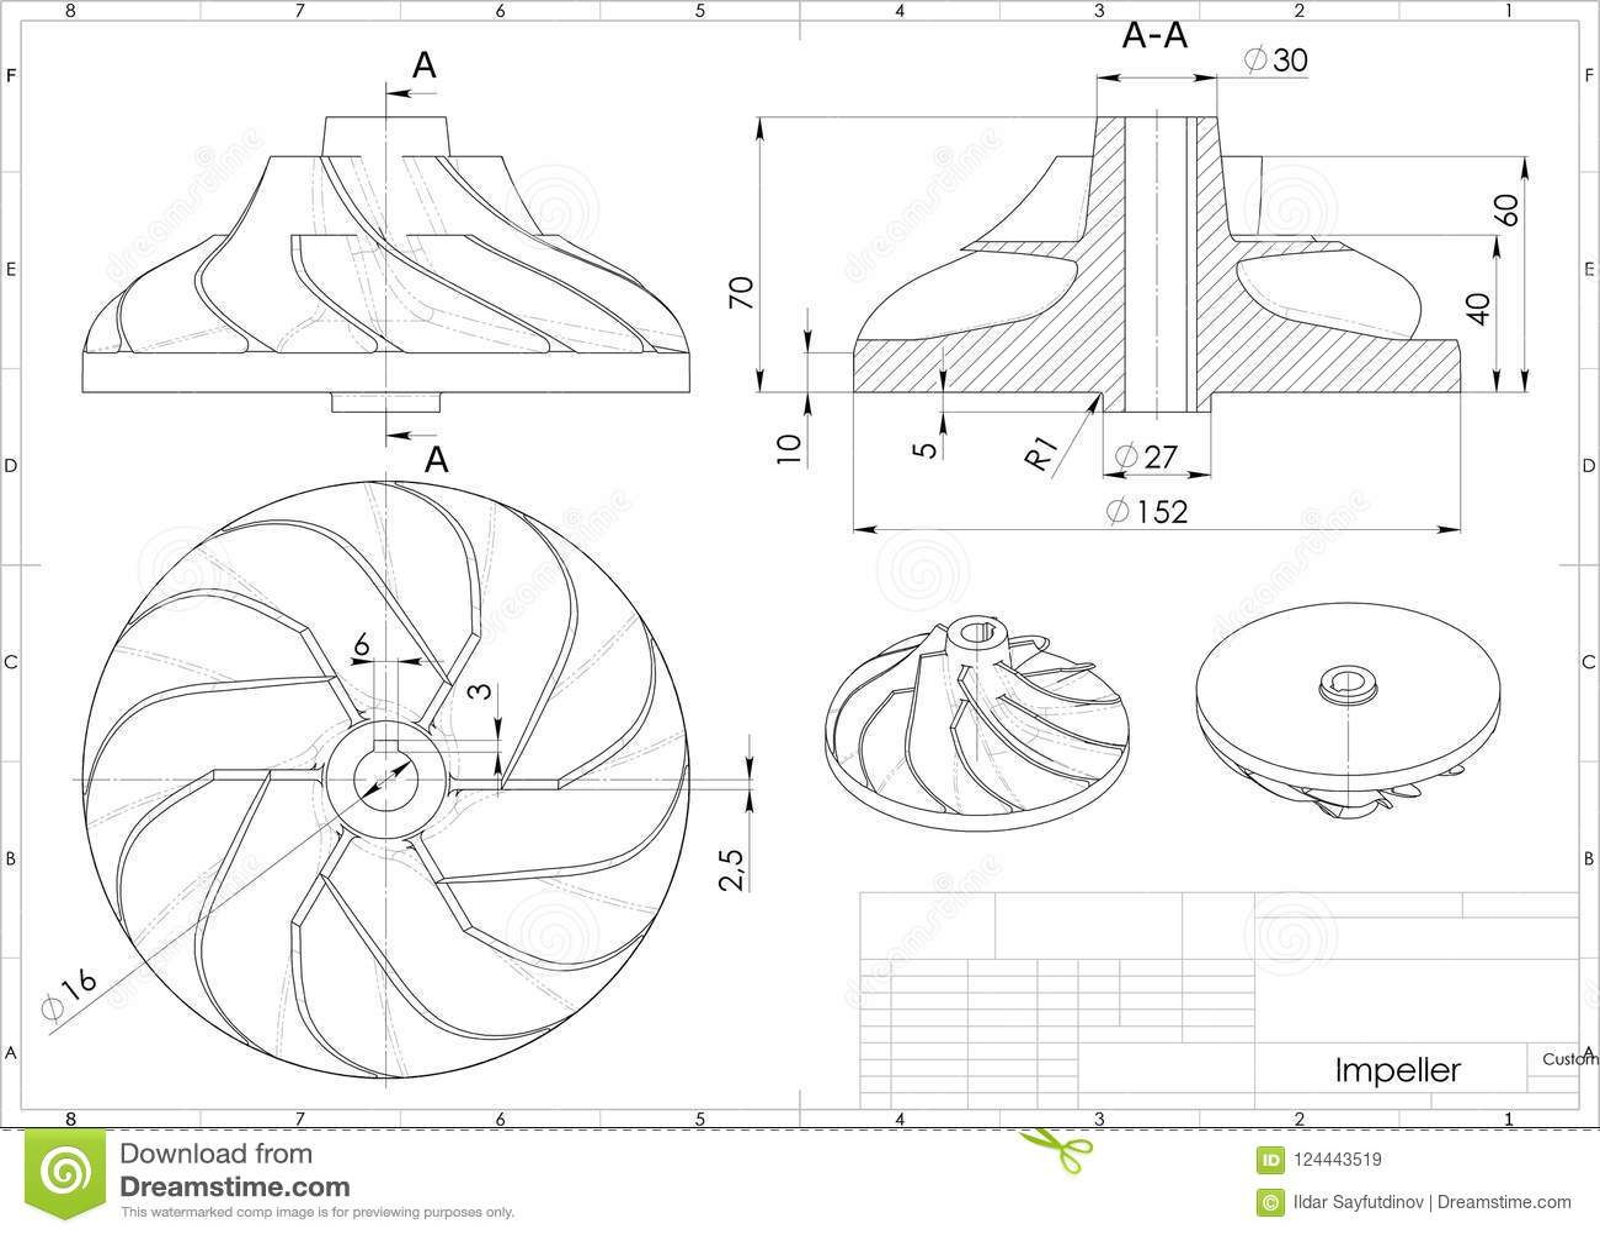 3d Illustration Of Turbo Impeller Stock Illustration